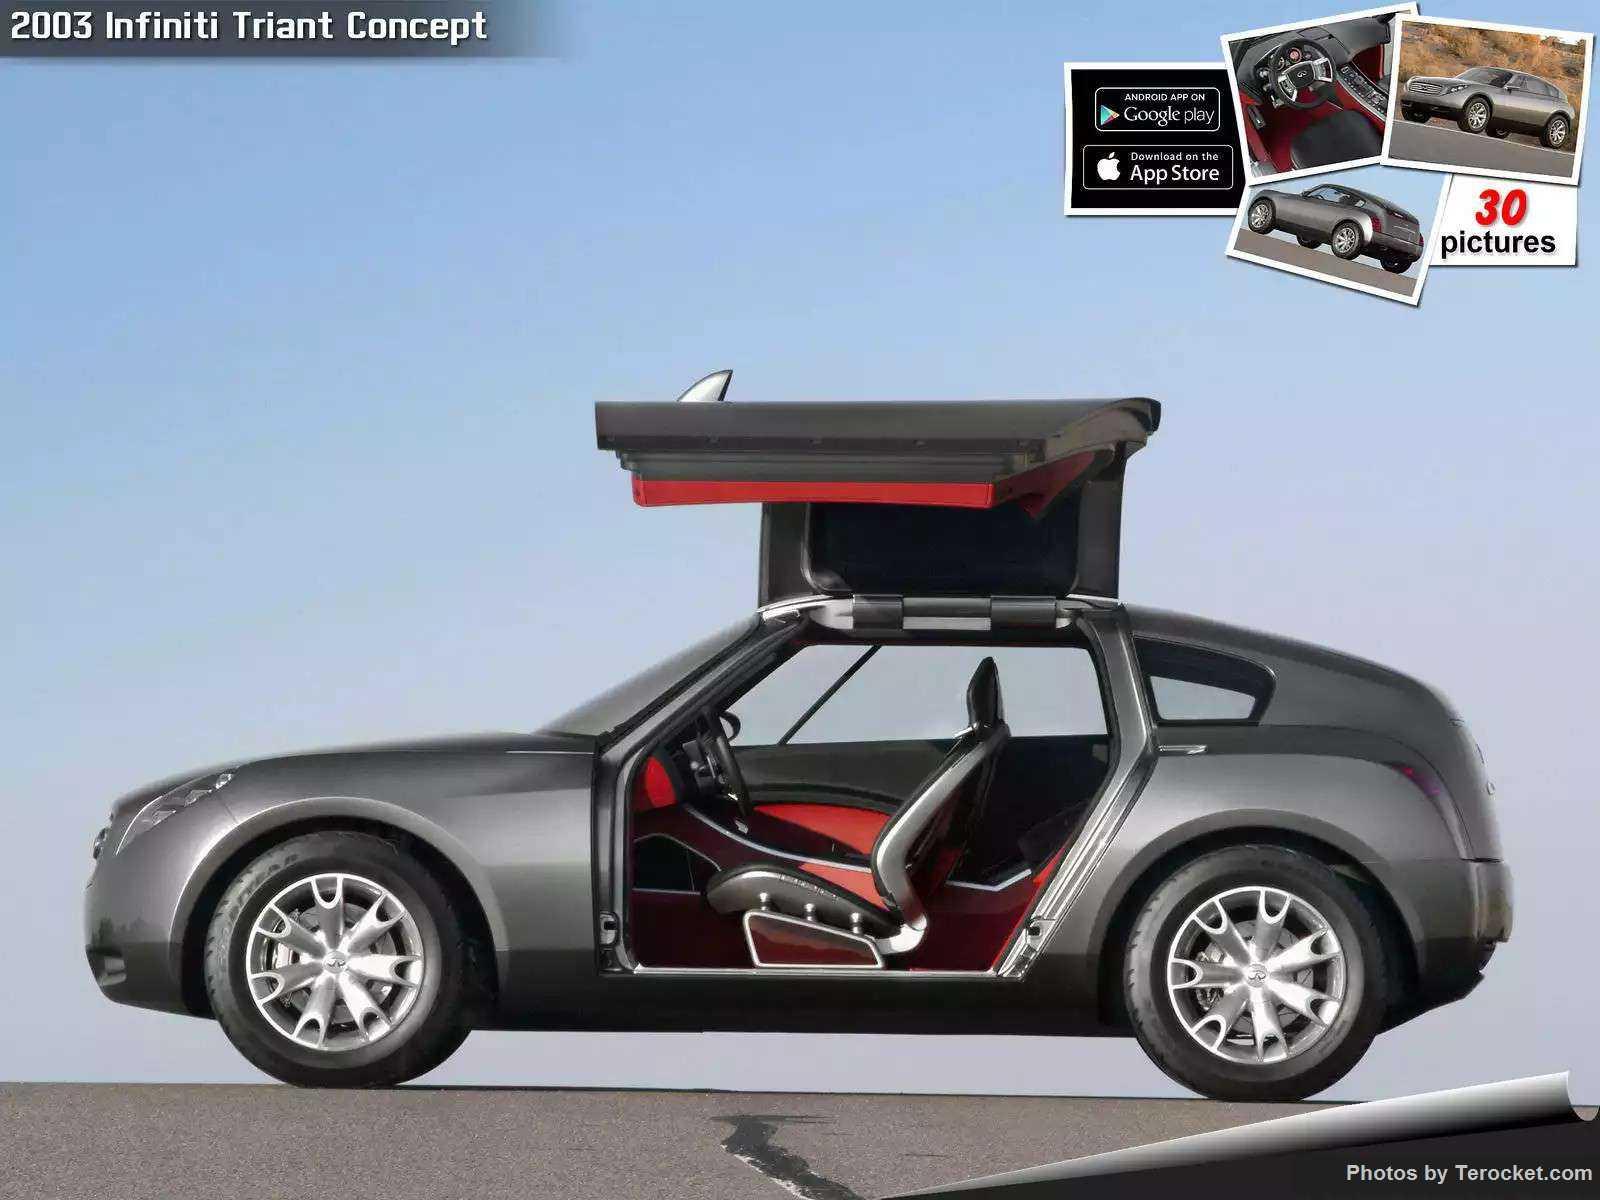 Hình ảnh xe ô tô Infiniti Triant Concept 2003 & nội ngoại thất